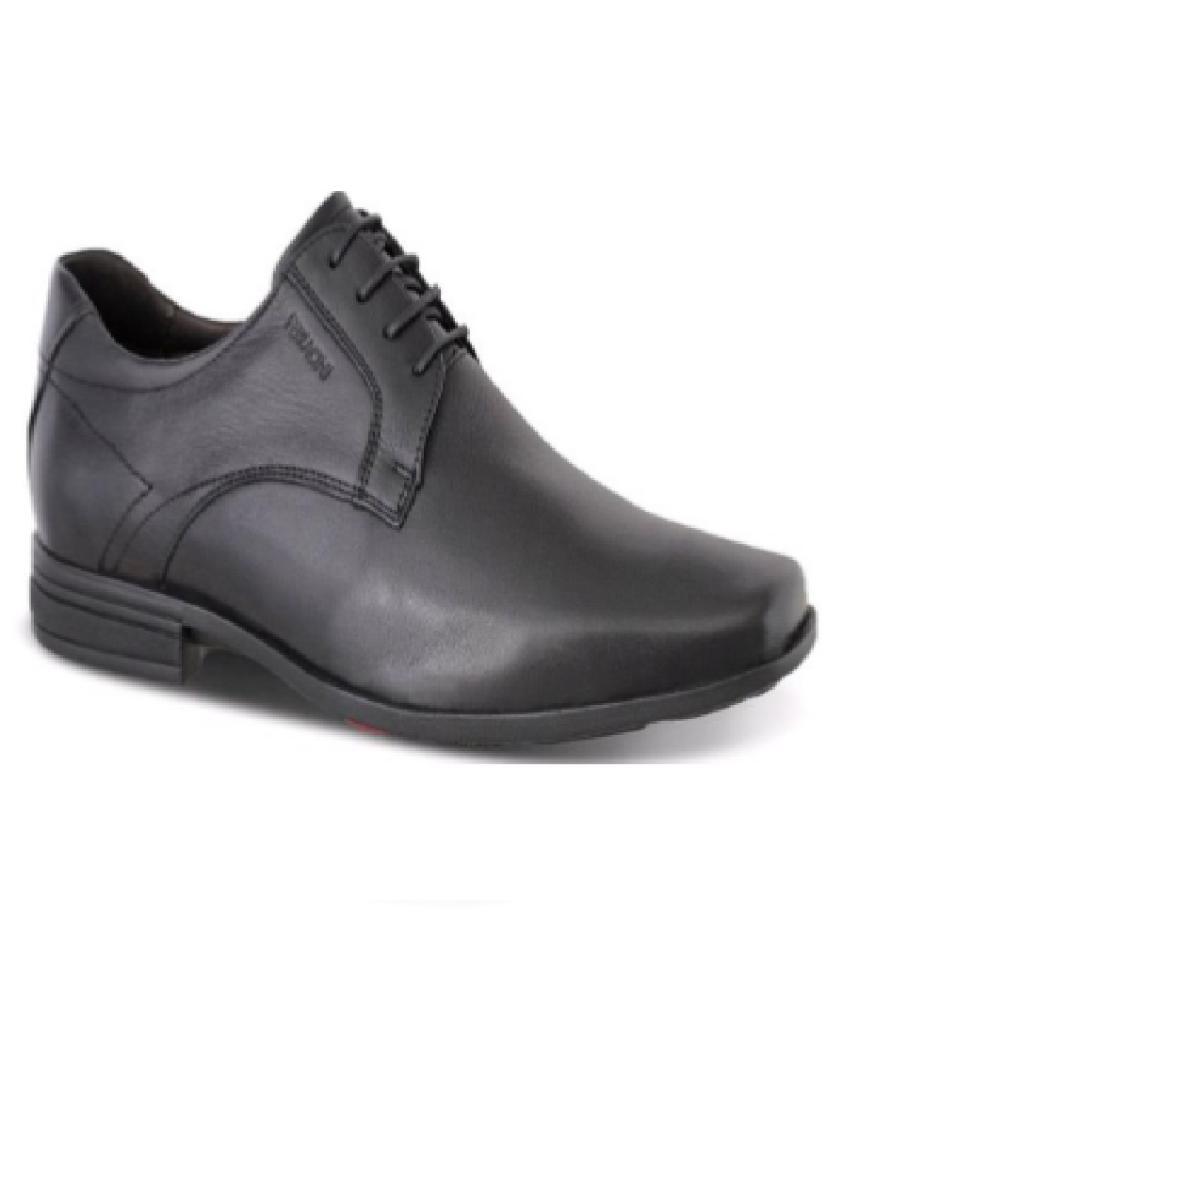 Sapato Masculino Ferracini 5987-511g Preto